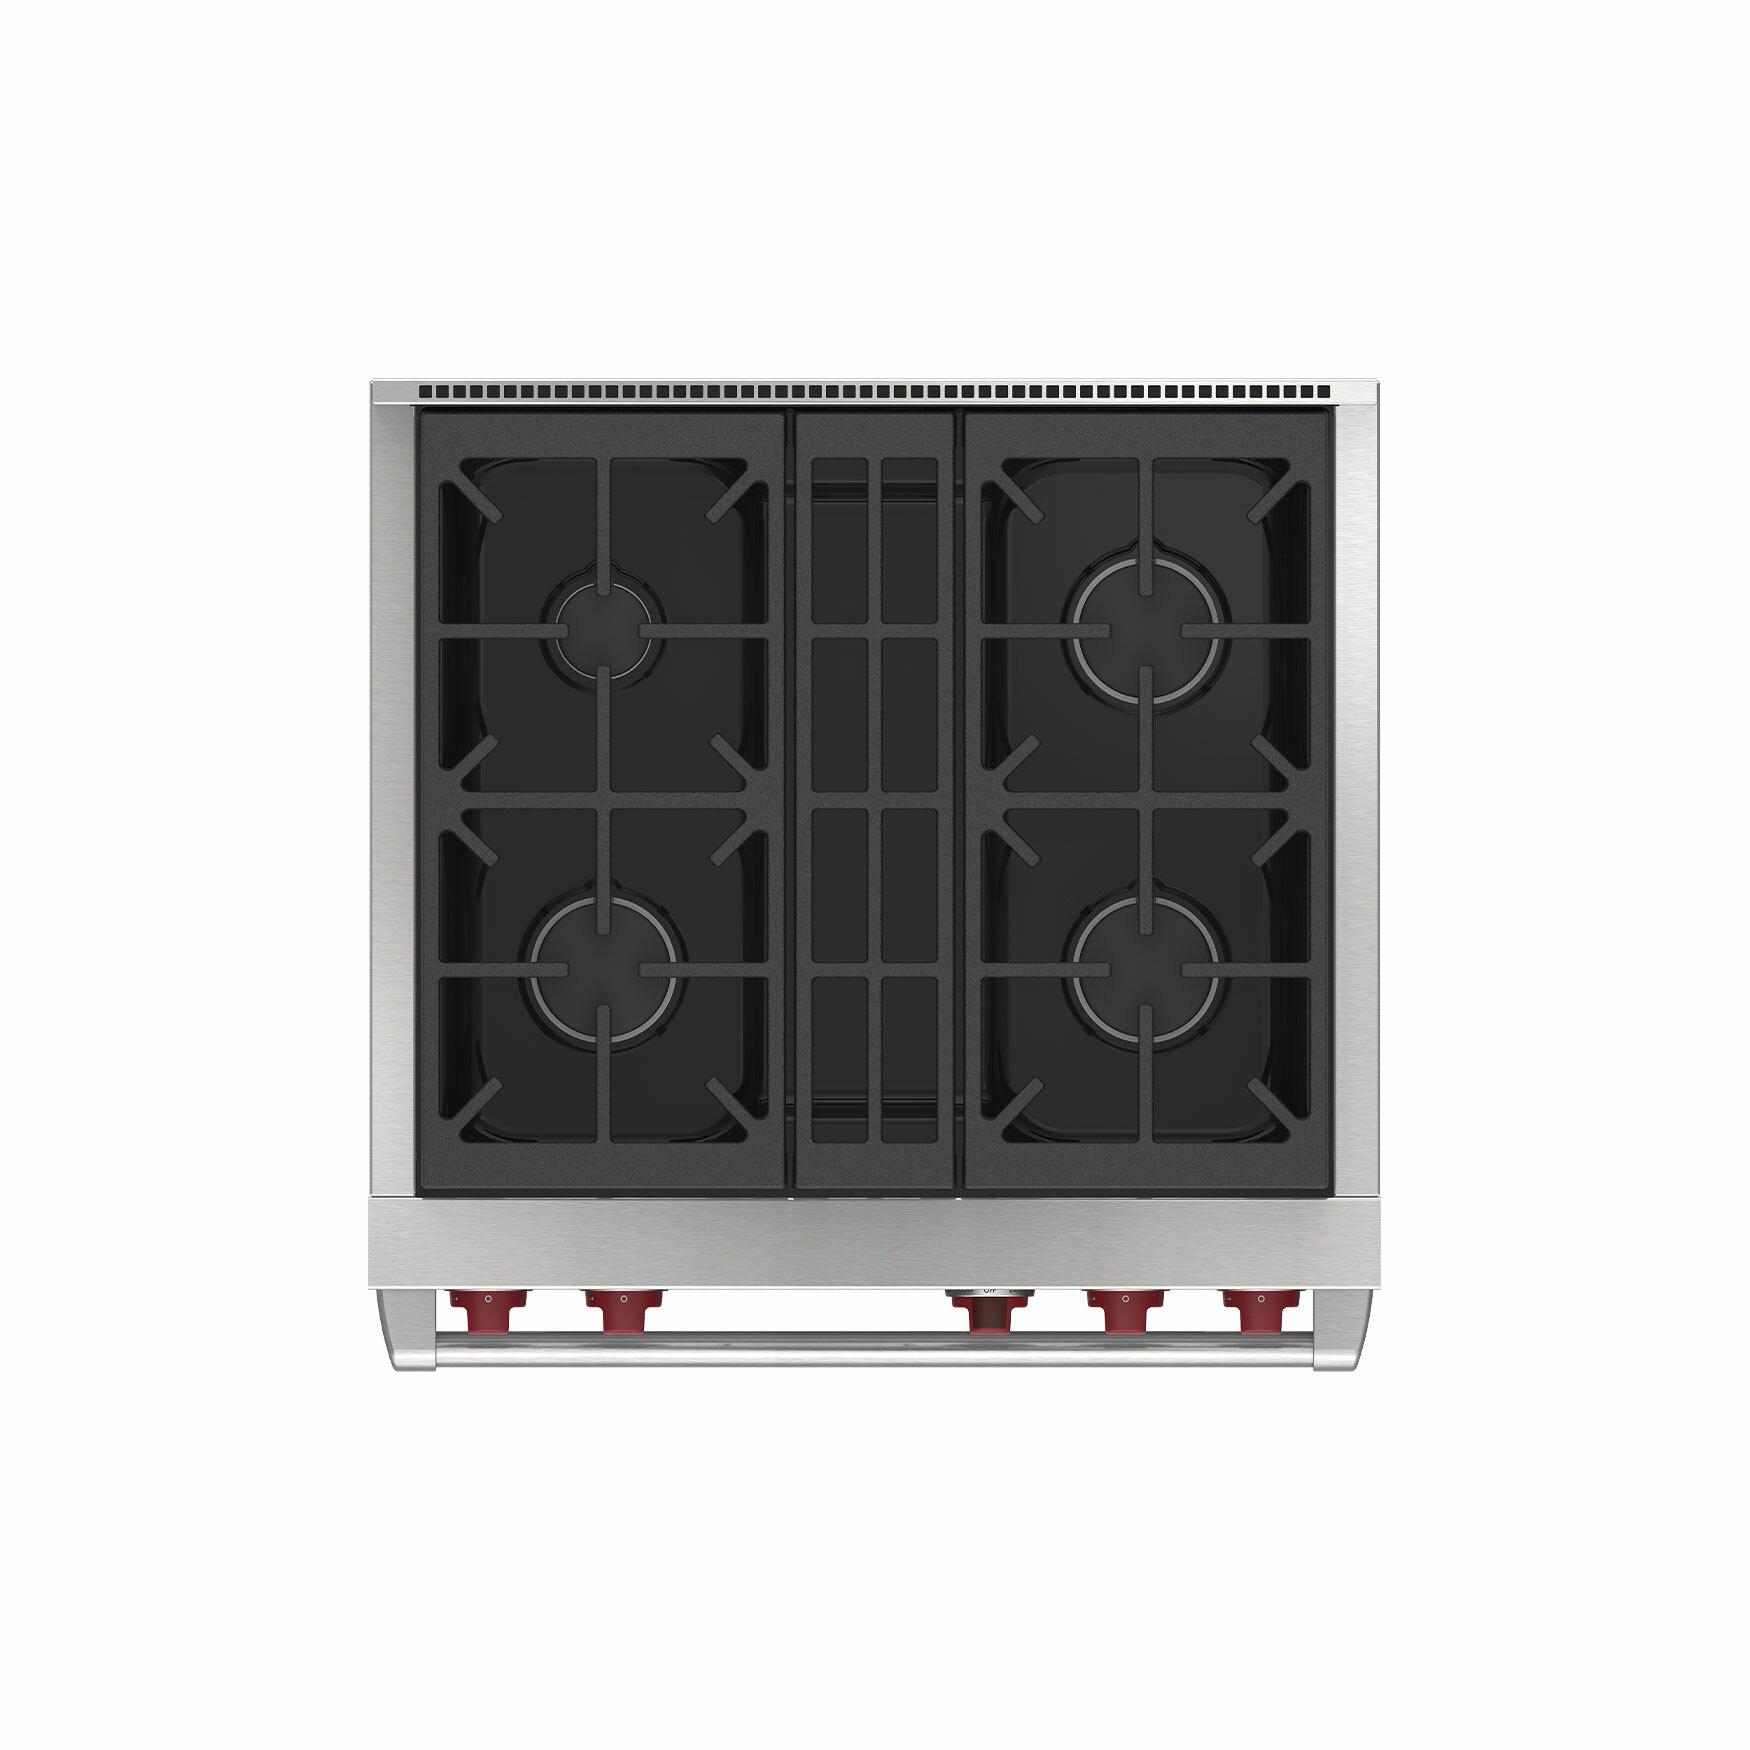 Top View Range Oven